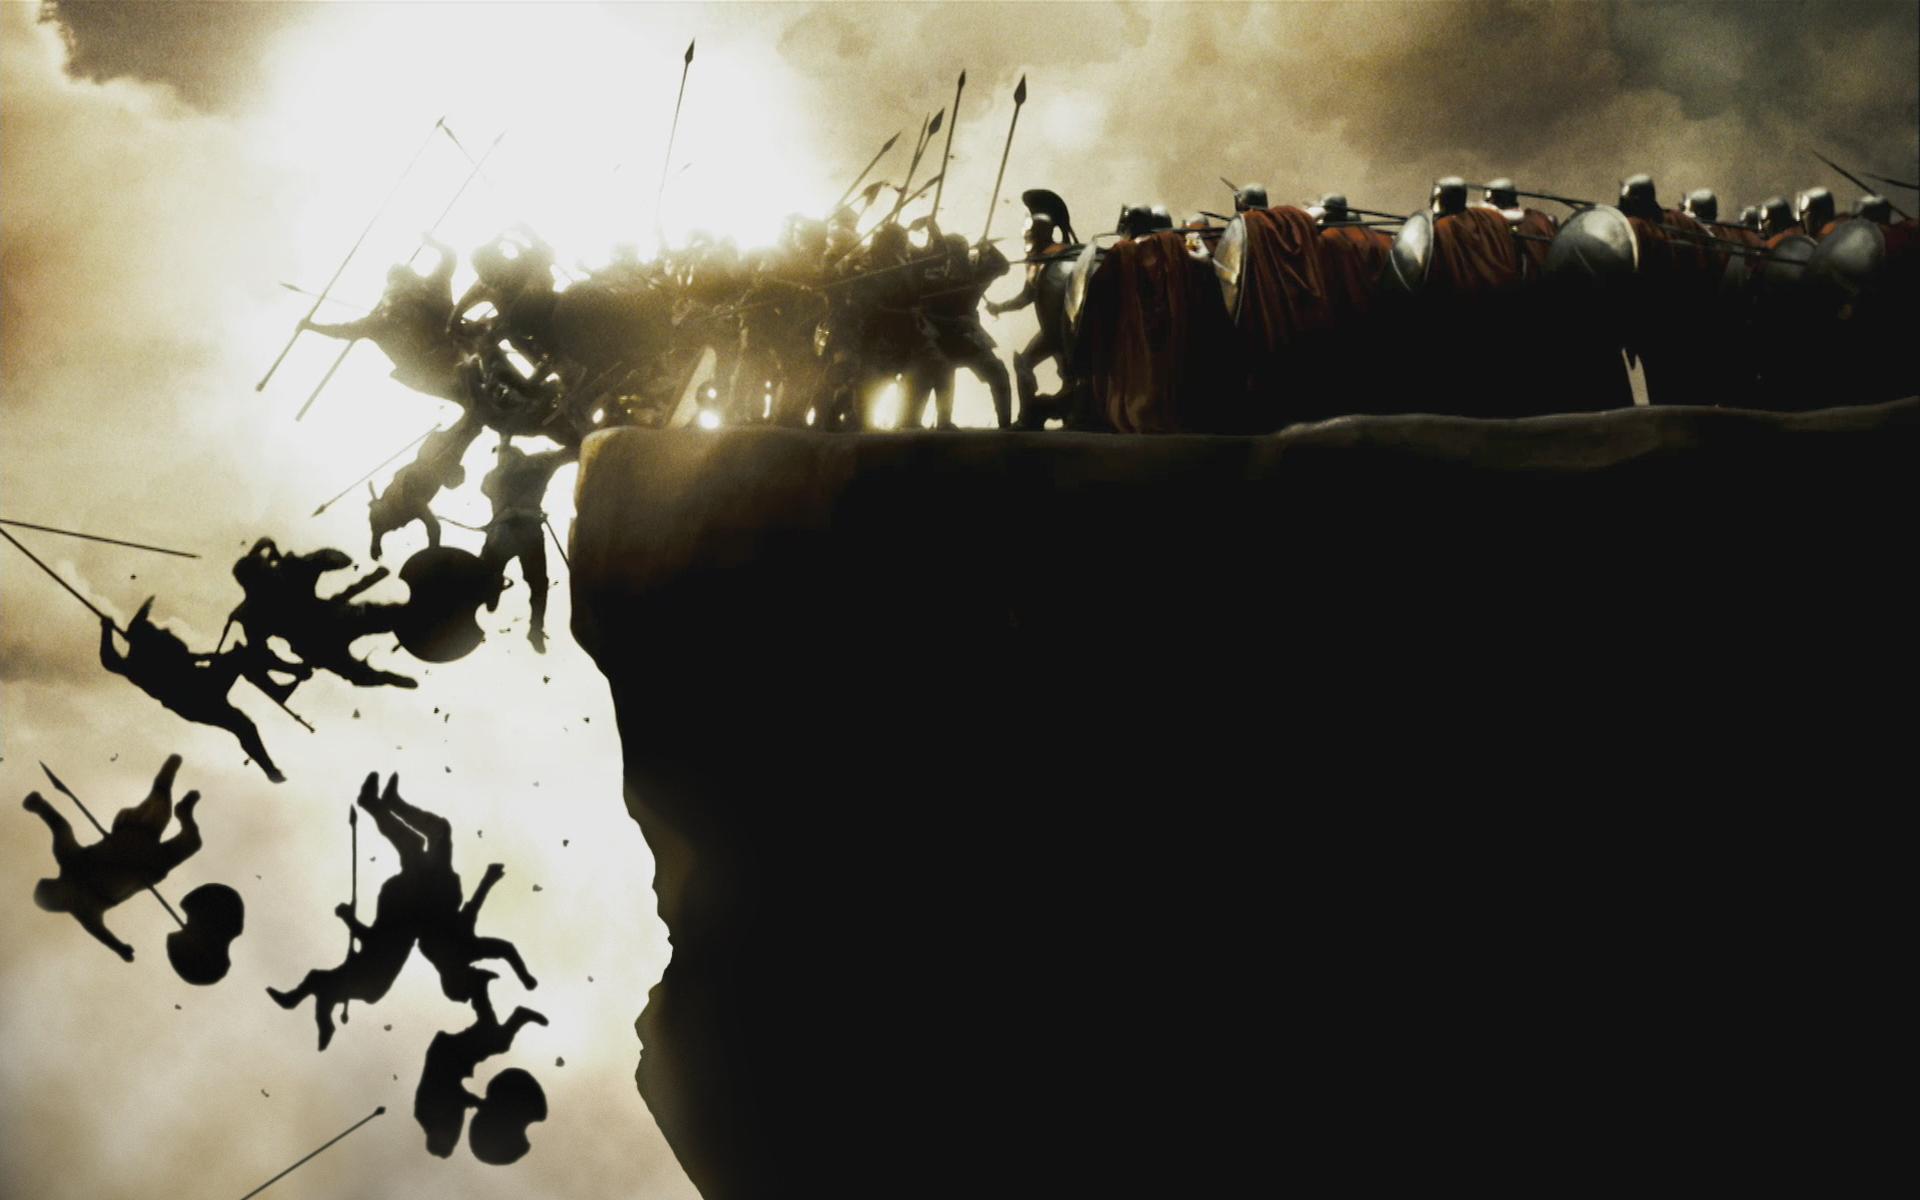 фильм Спарта, 300 спартанцев, обои для рабочего стола, скачать фото